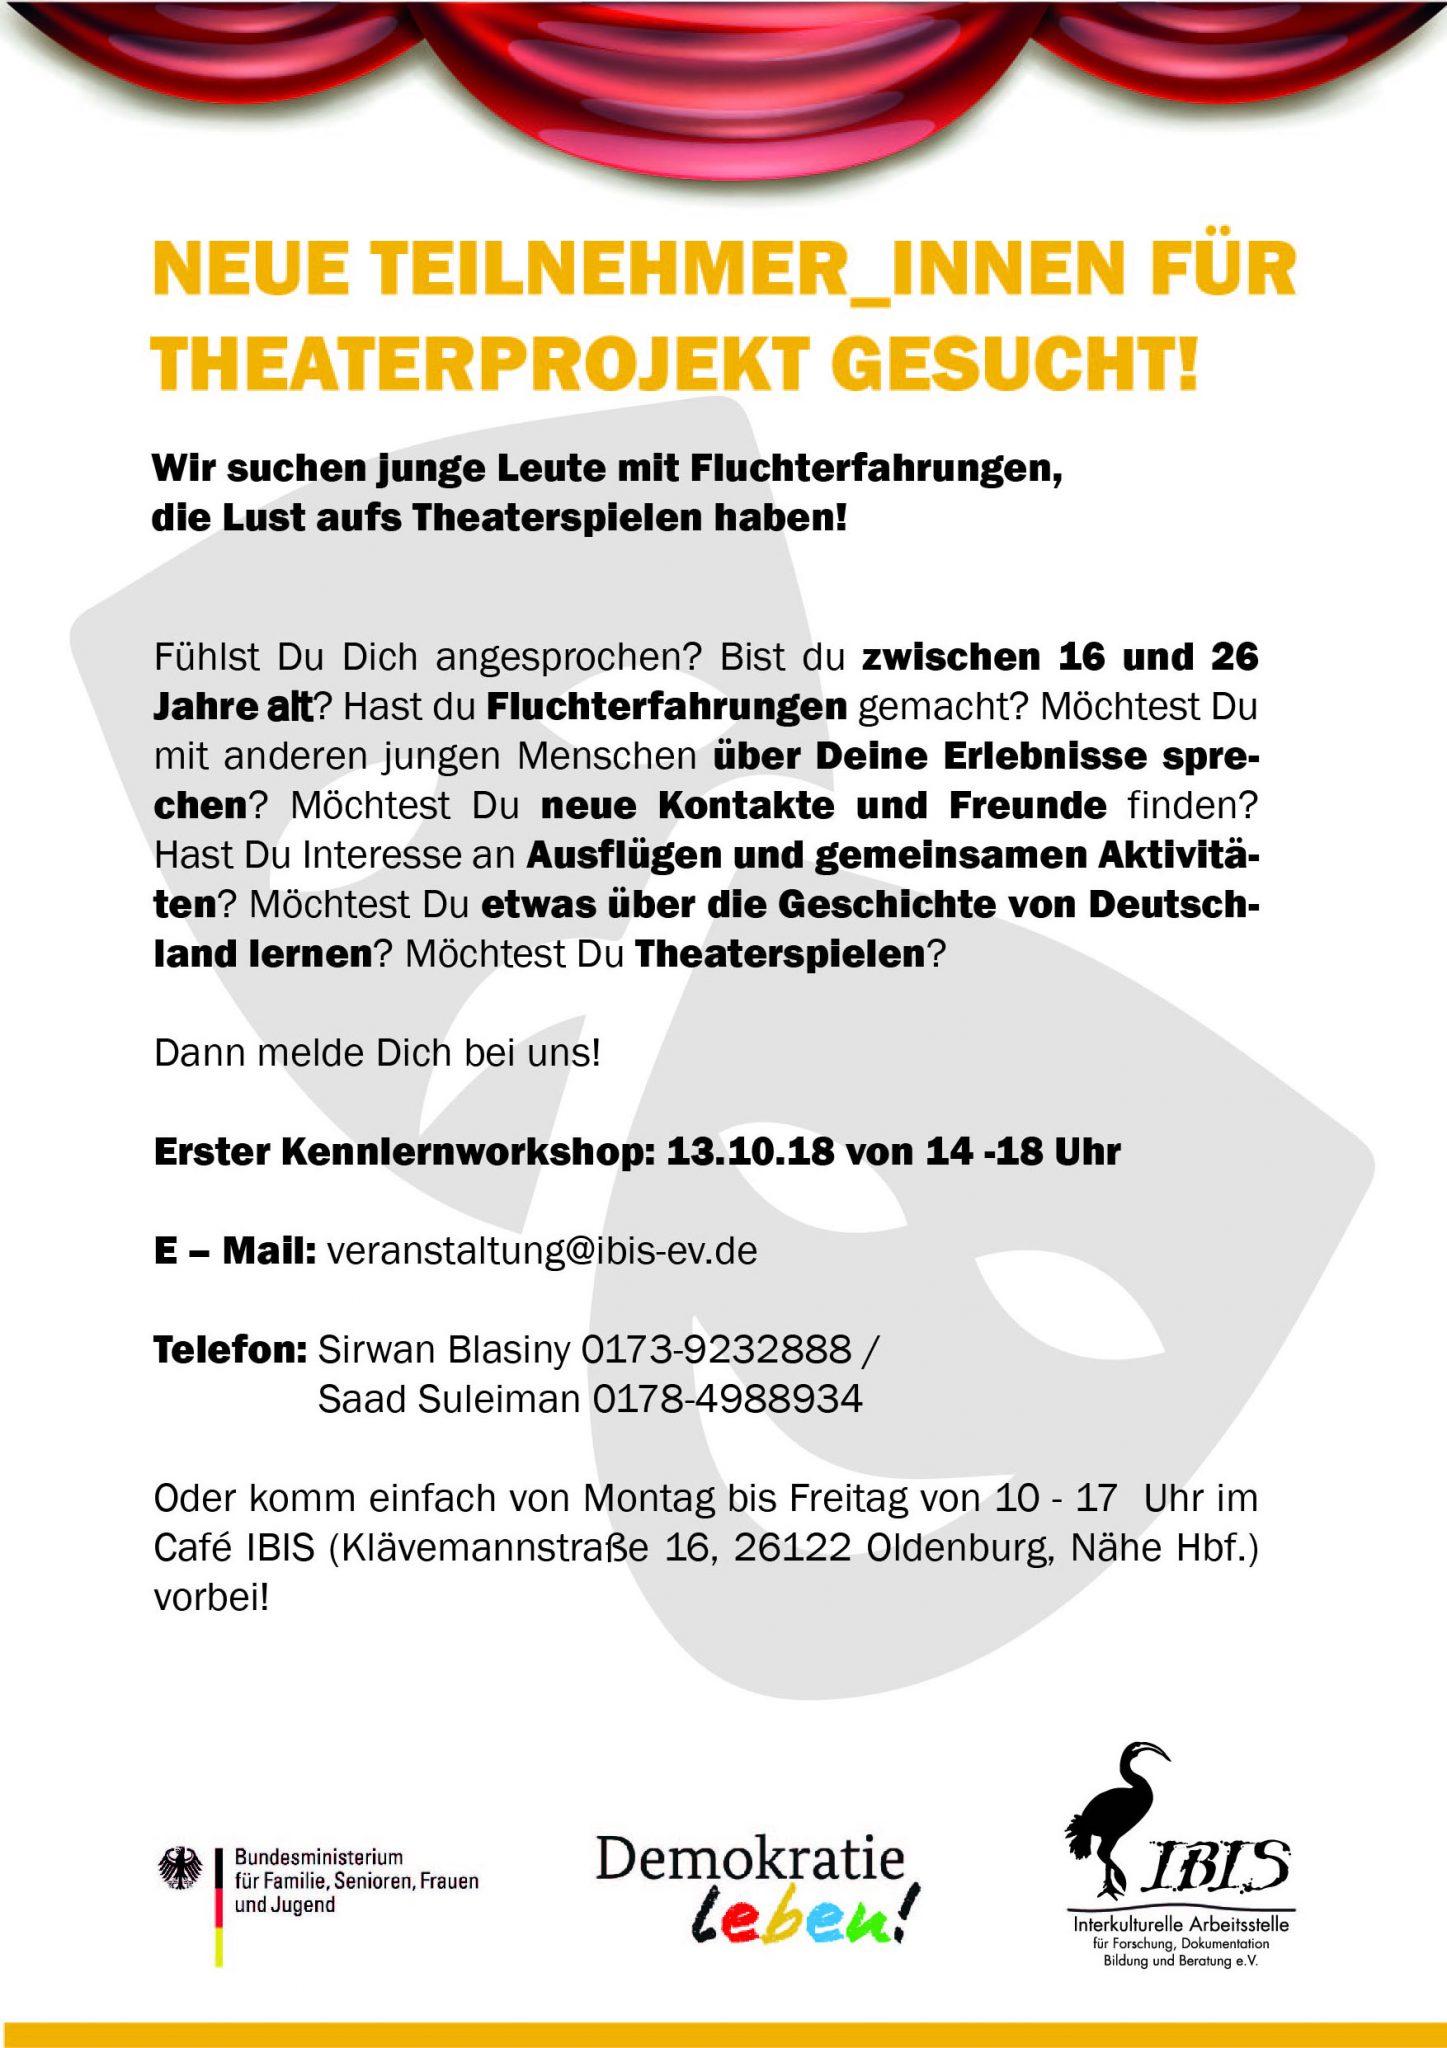 Theaterprojekt: Teilnehmer_innen Gesucht!